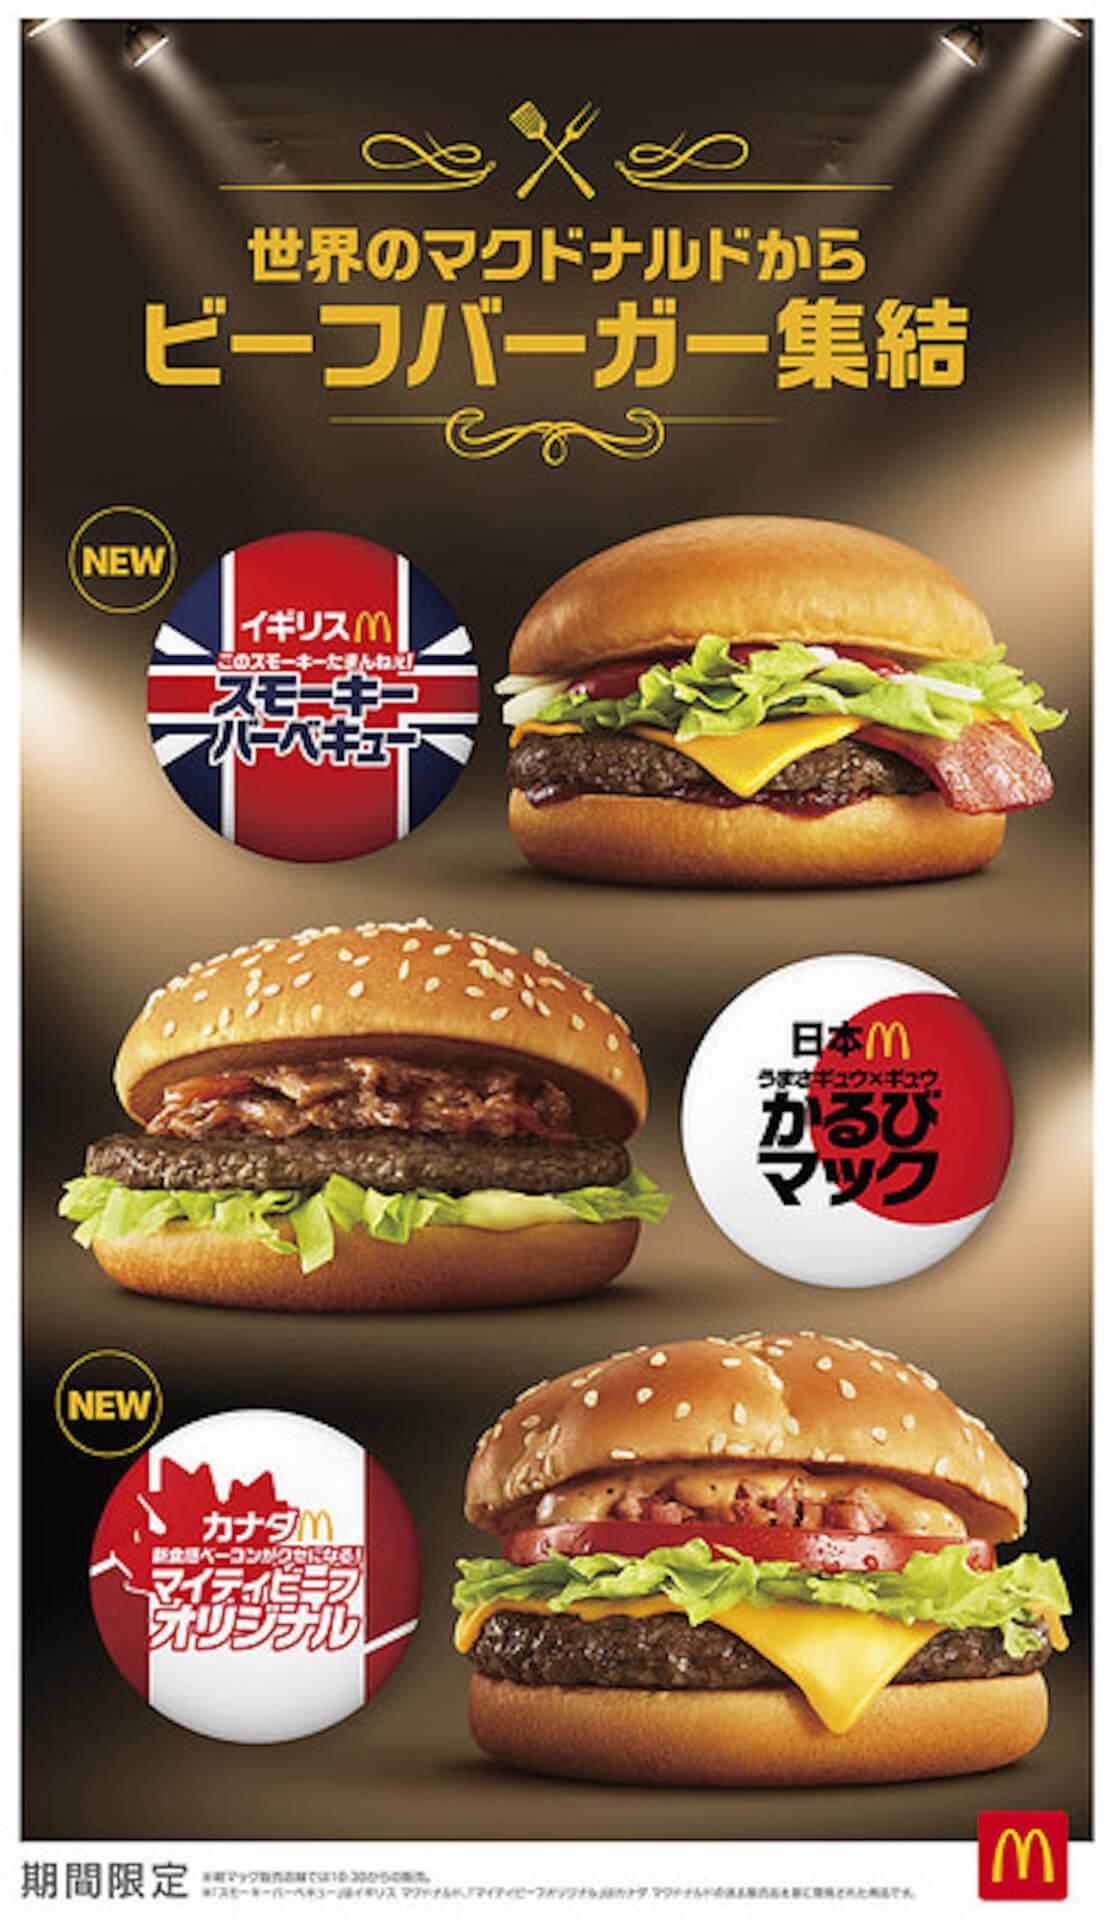 マクドナルドから「かるびマック」「マイティビーフオリジナル」「スモーキーバーベキュー」の3種の肉らしいほどうまいビーフバーガーが期間限定で登場! gourmet200617_mcdonald_3